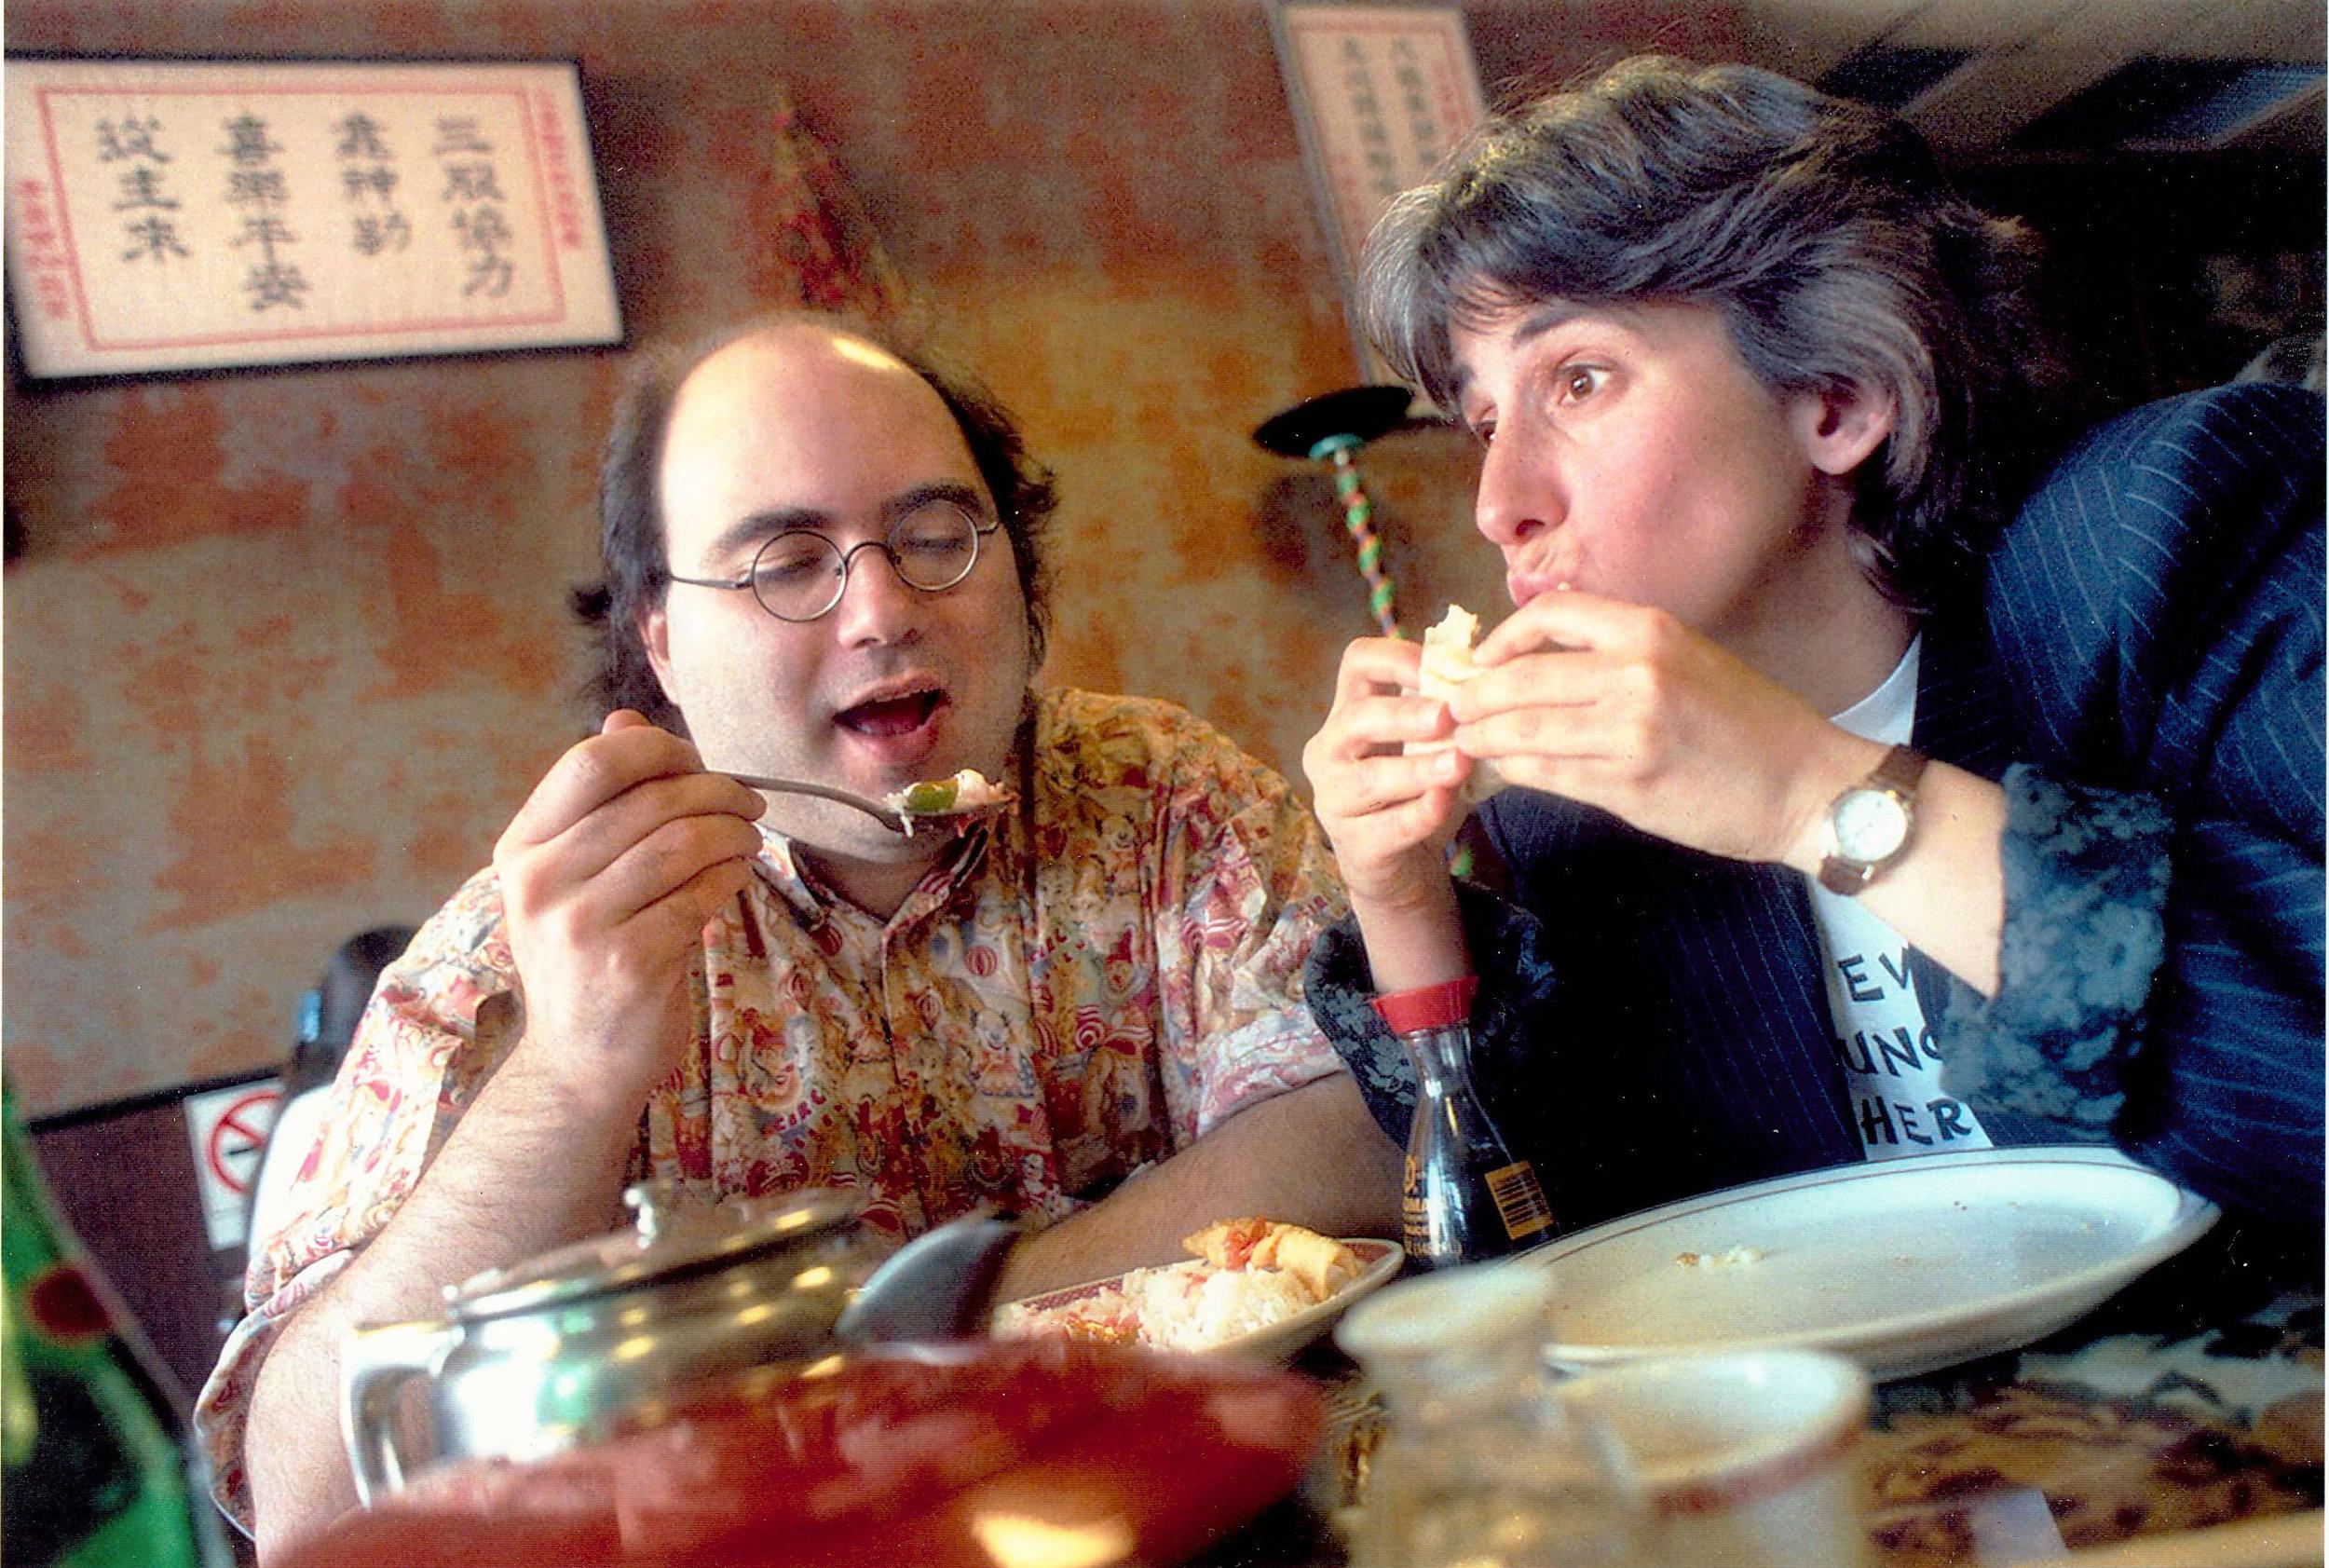 Josh Kornbluth and Lisa Geduldig, 1996